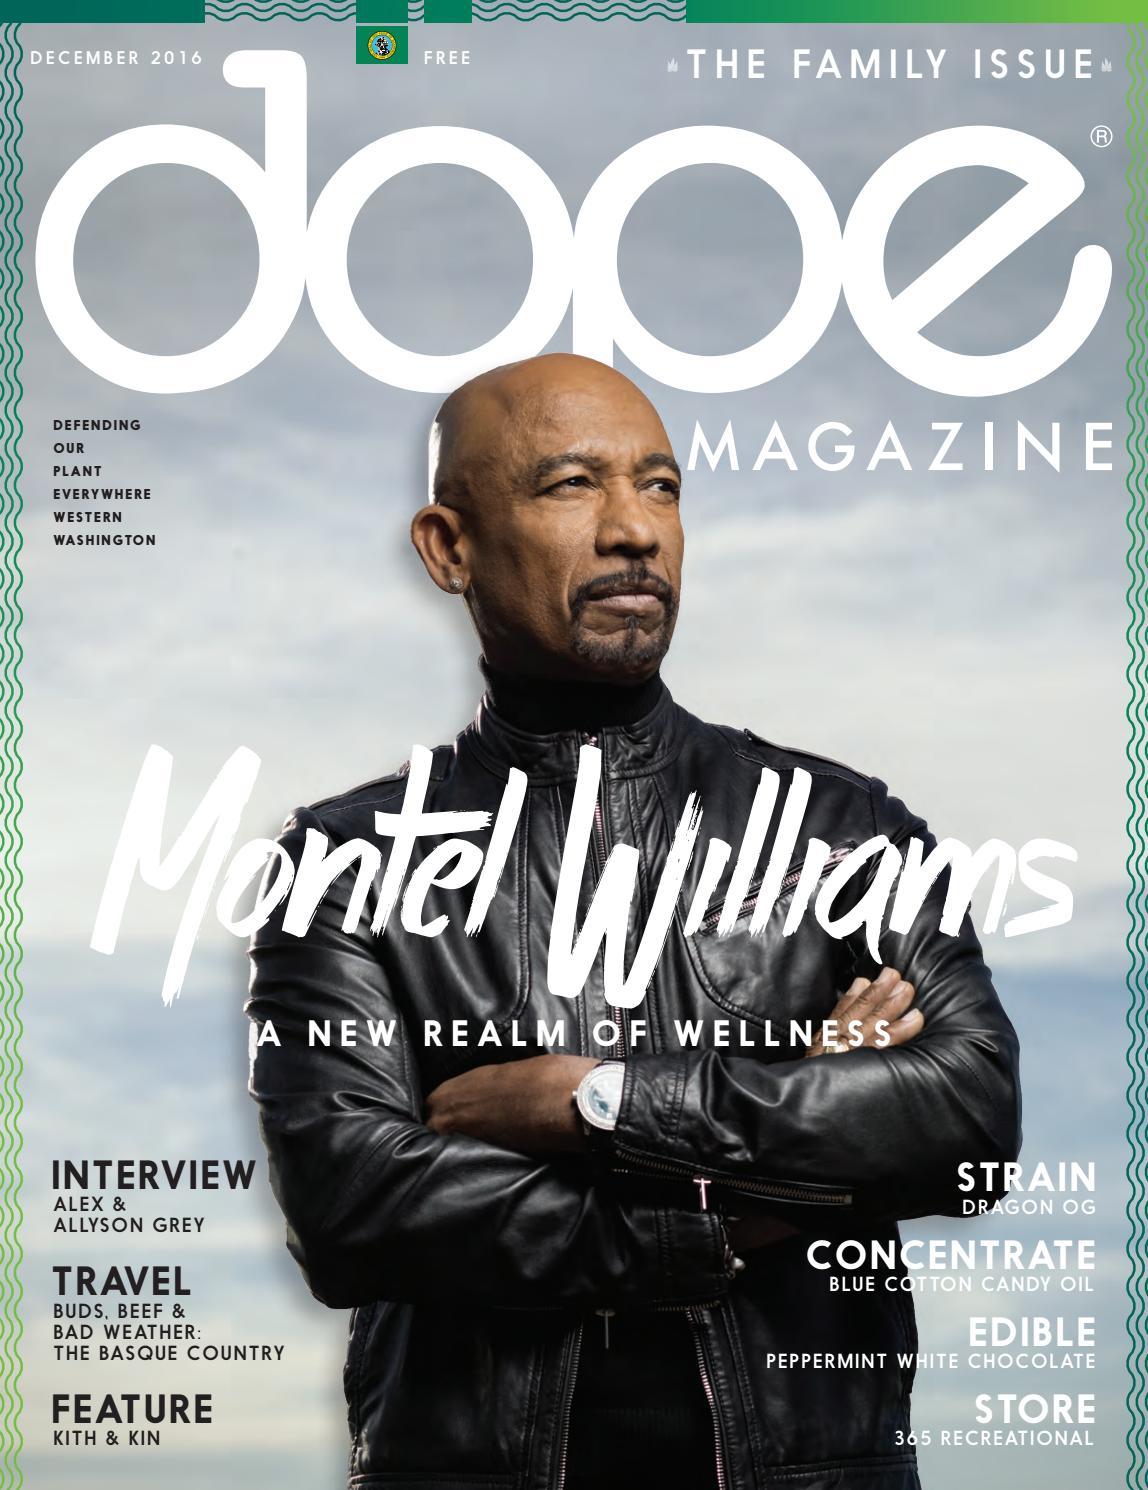 Dope Magazine - December 2016 - The Family Issue - Western Washington by  DOPE Magazine - issuu